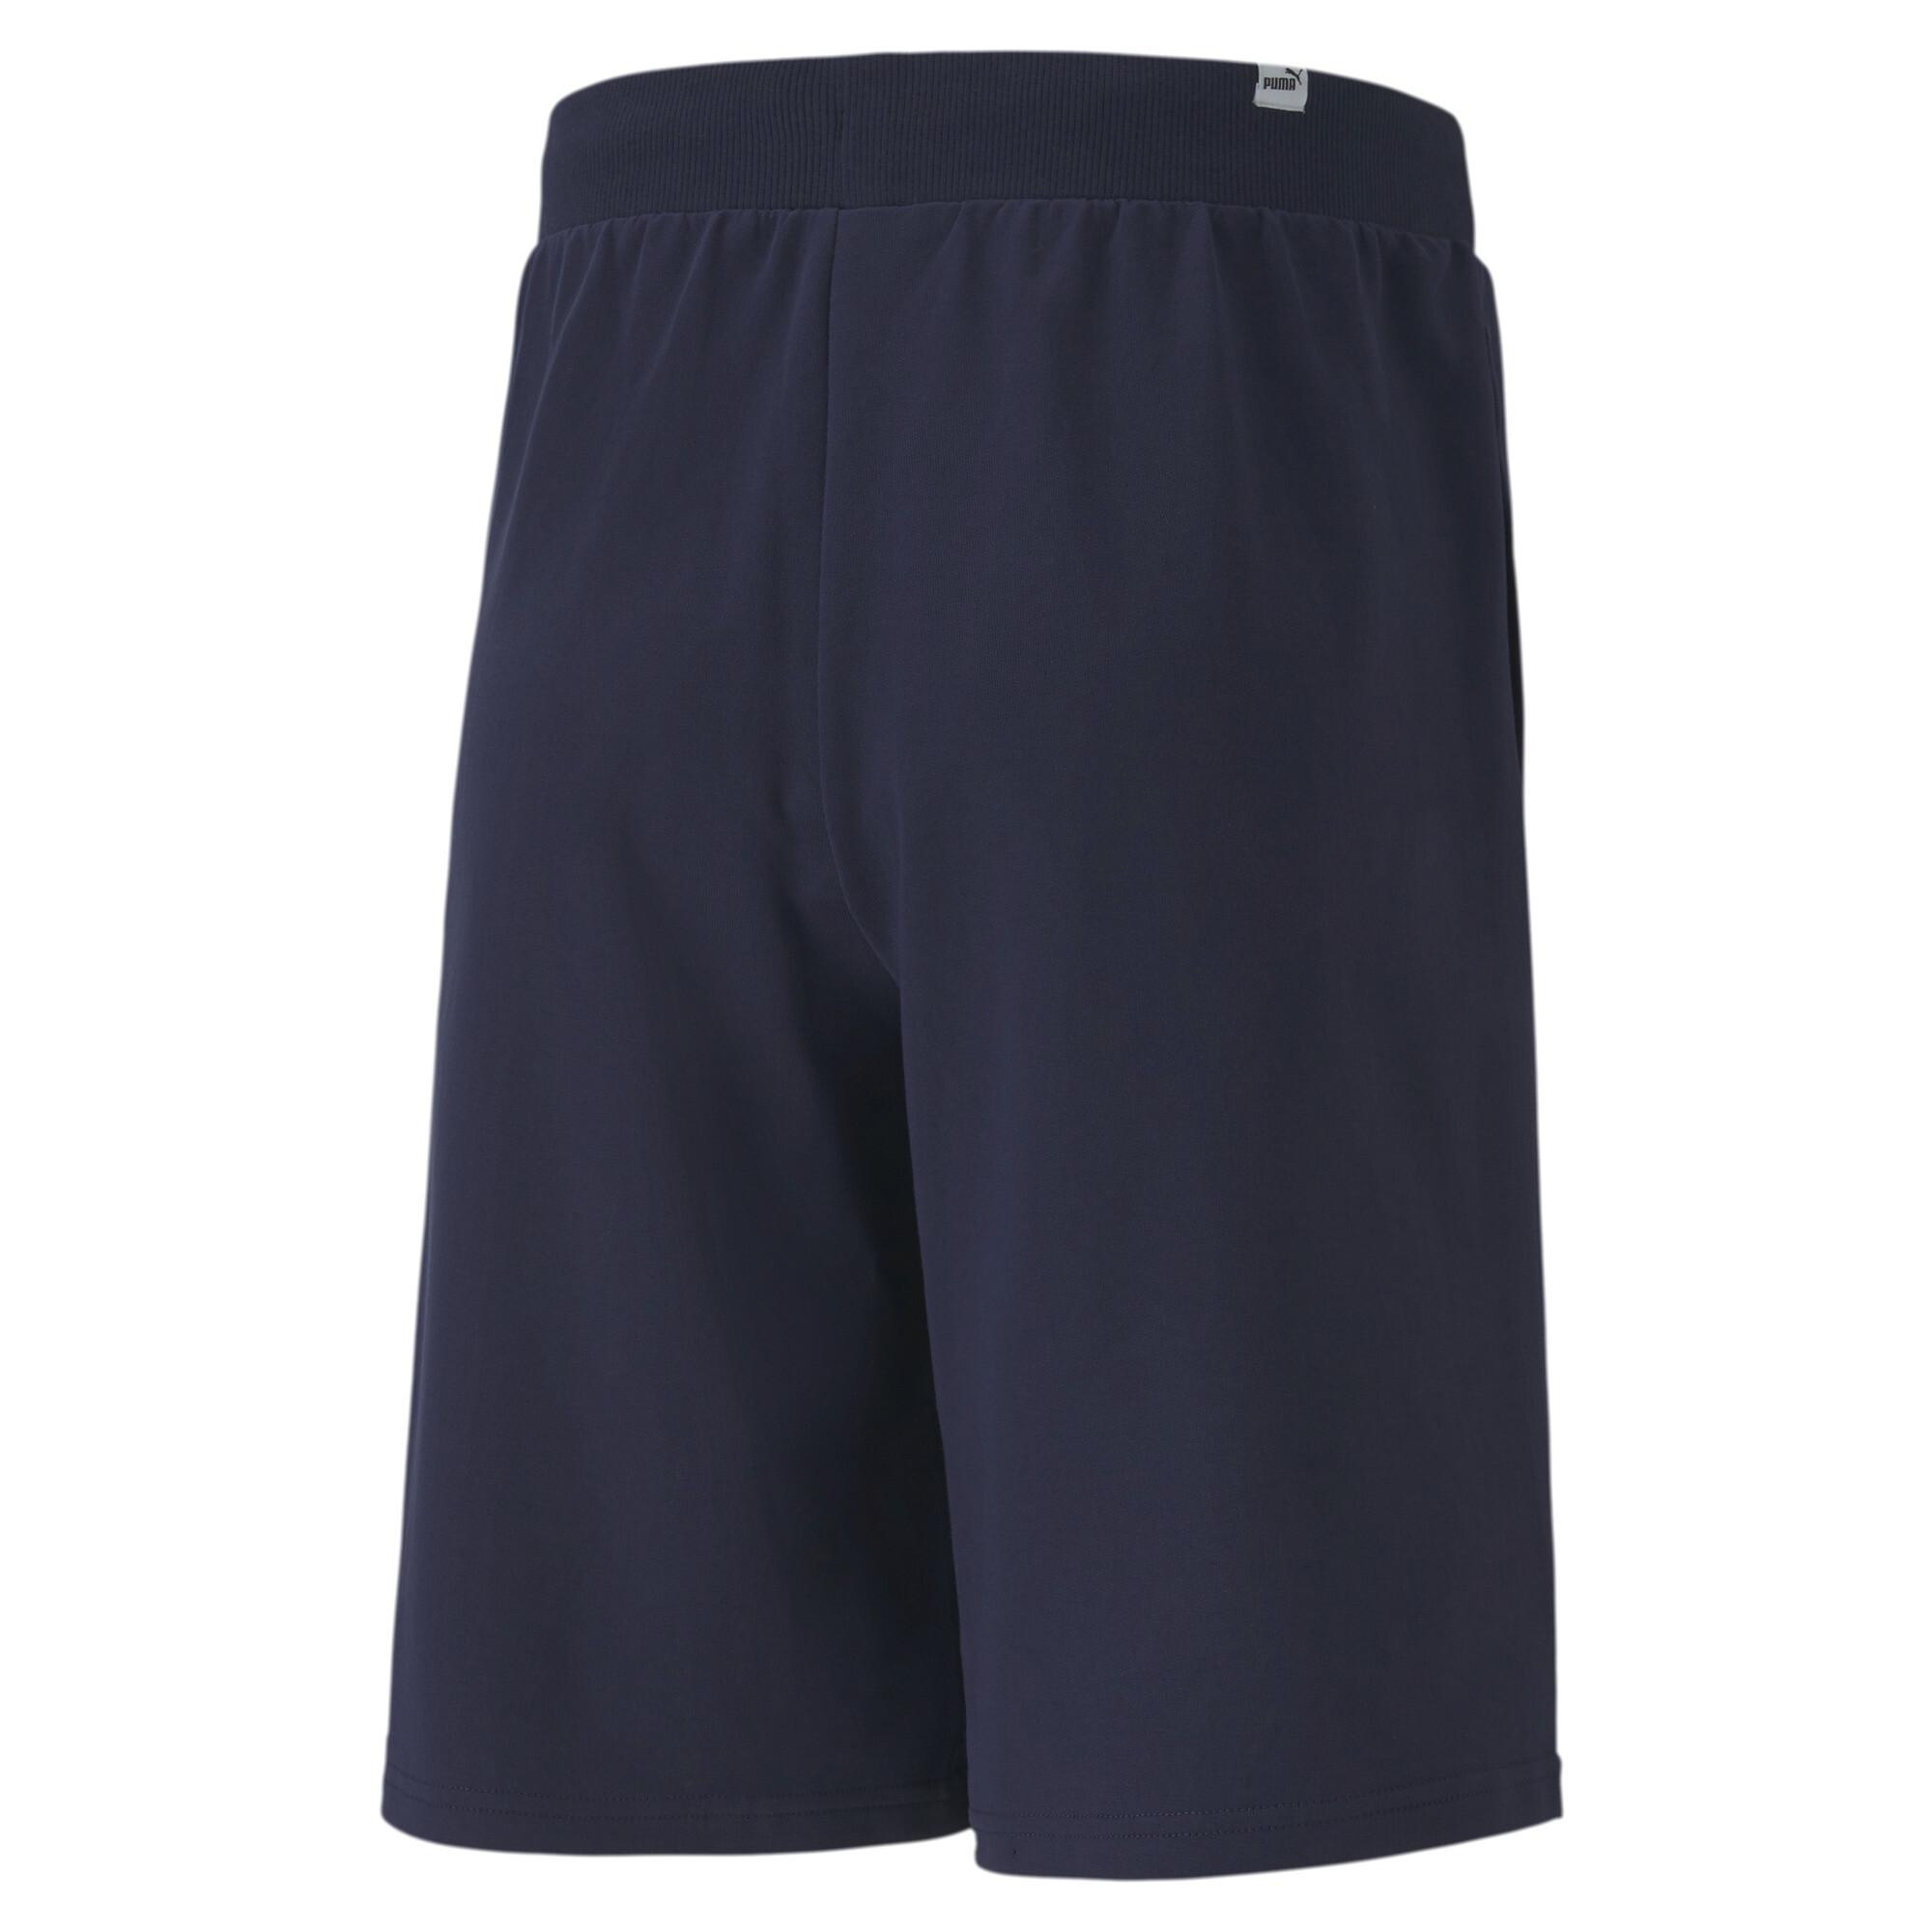 PUMA-Celebration-Men-039-s-Shorts-Men-Knitted-Shorts-Basics thumbnail 8